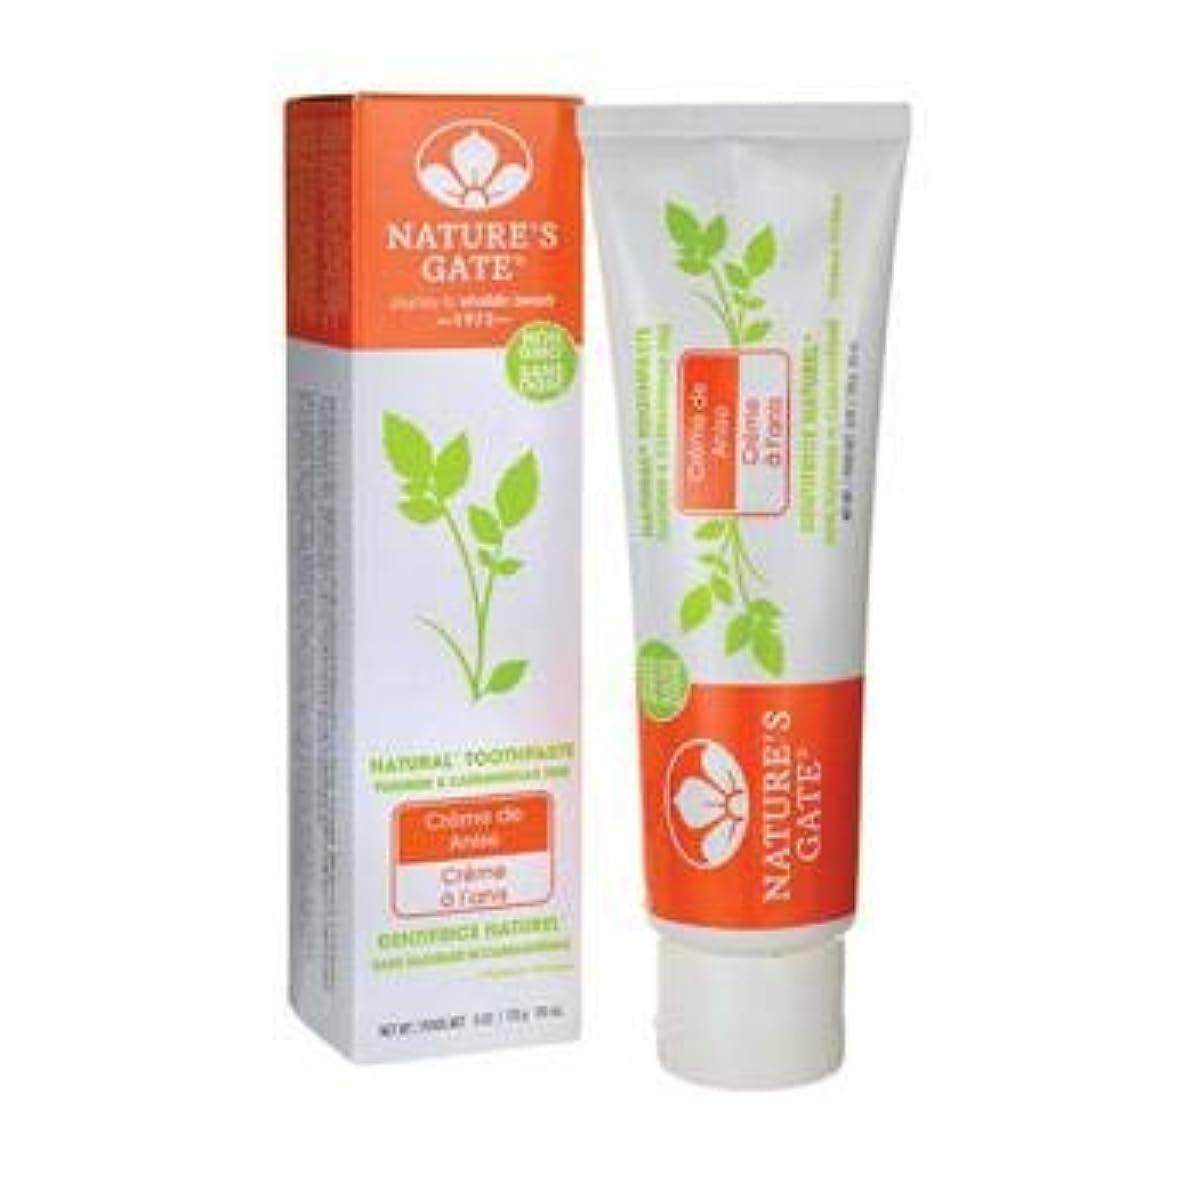 トンネルスライス素敵な海外直送品Toothpaste Creme De, Anise 6 Oz by Nature's Gate